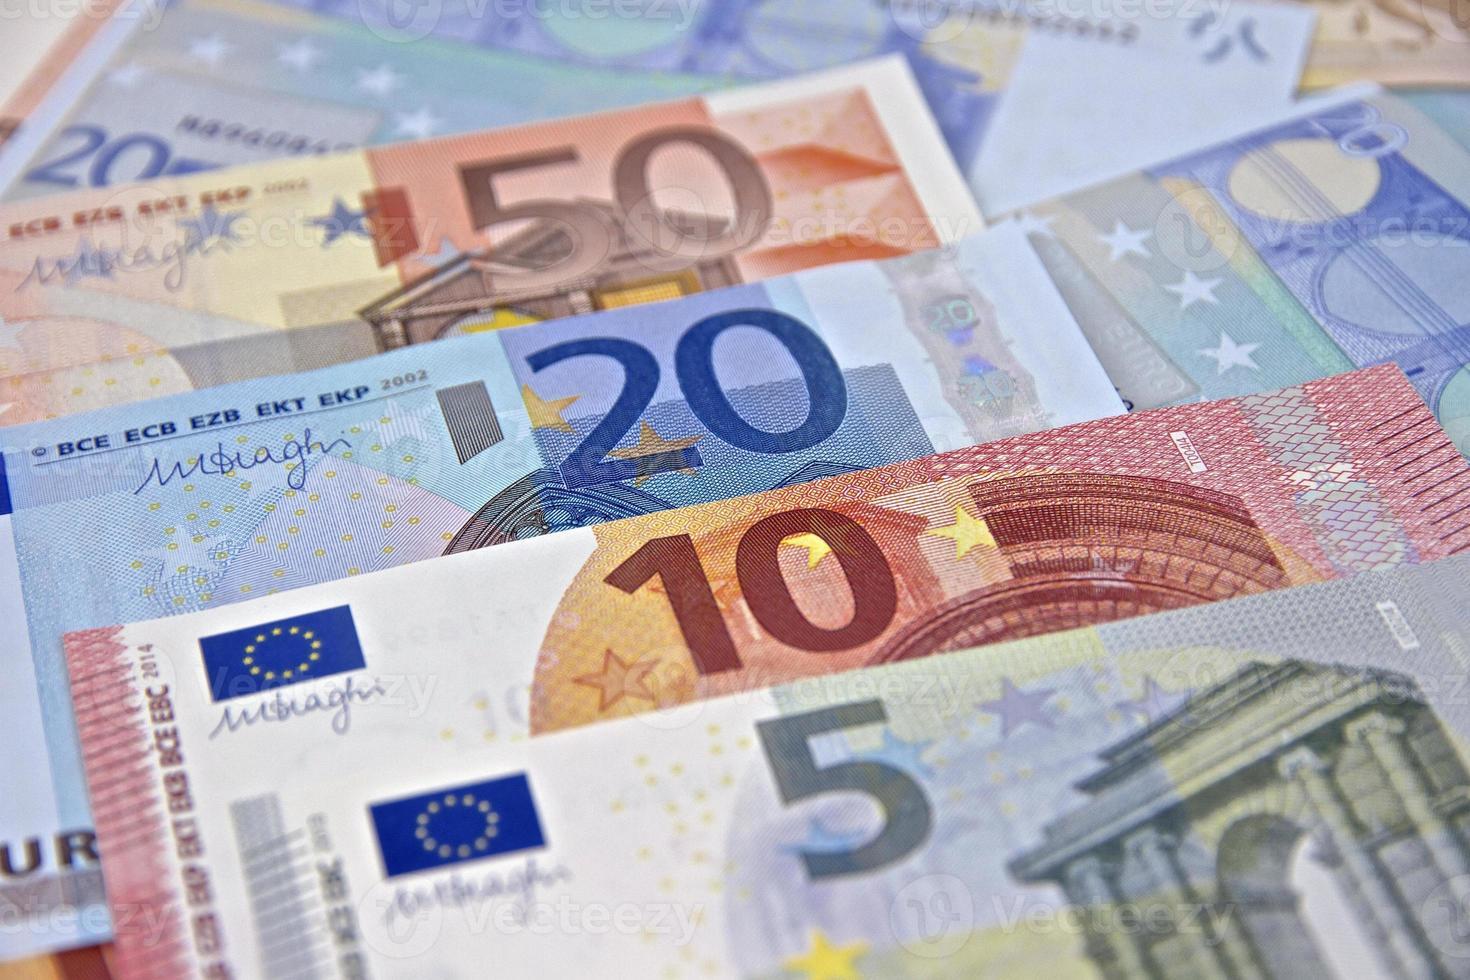 argent - billets en euros - monnaie de l'union européenne photo